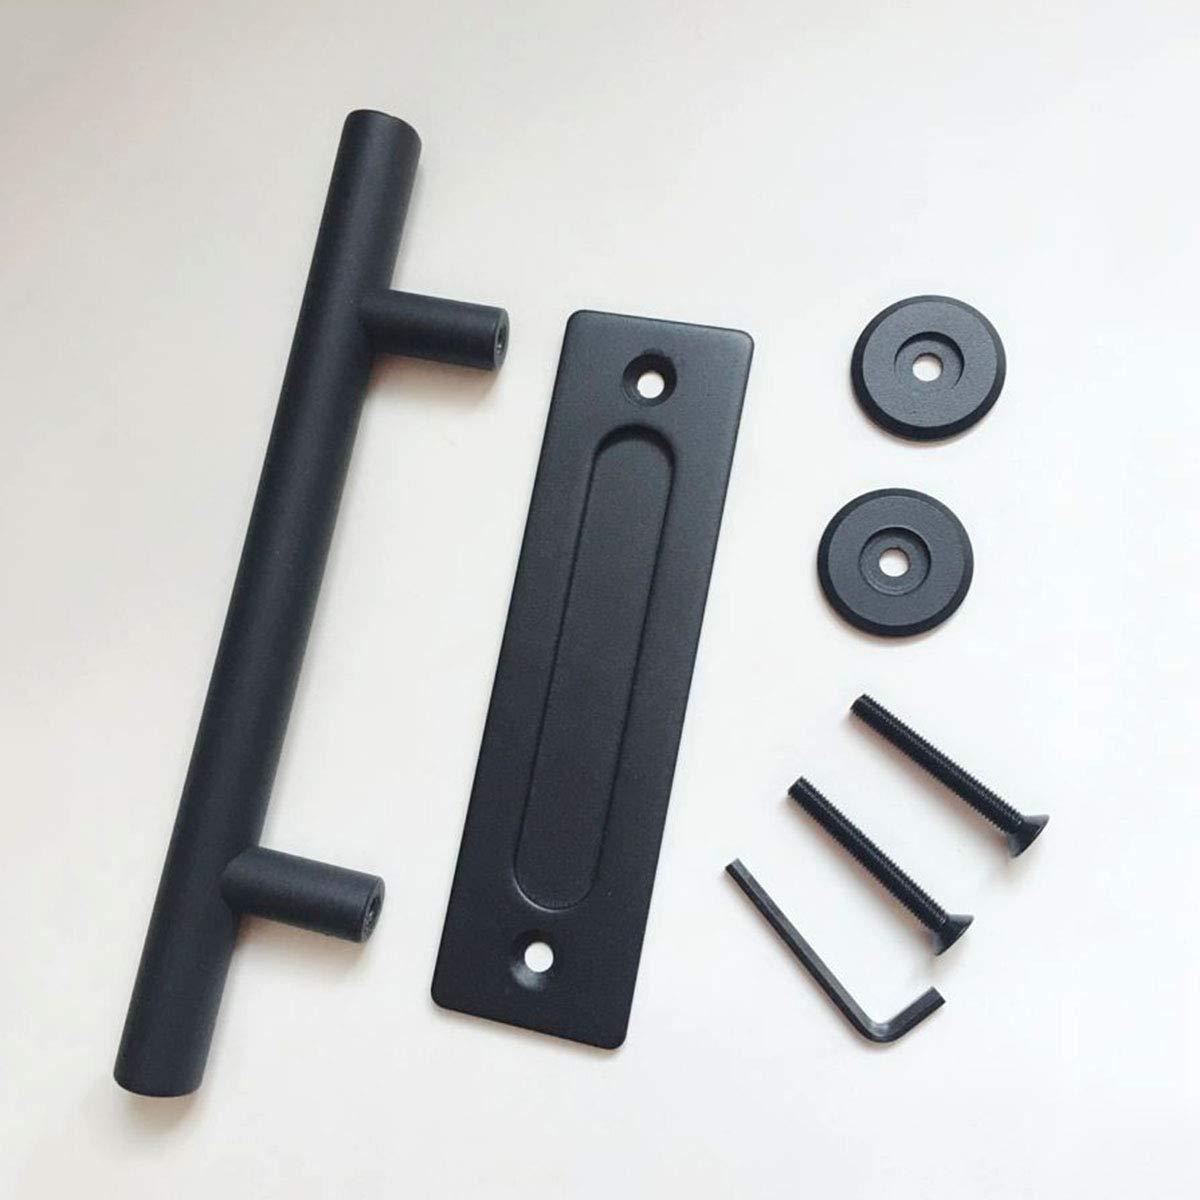 OUNONA T/ürgriff-Sets Heavy Duty Schiebe Barn Door Hardware Griffbeschl/äge Barn Door Hardware Schiebet/ür Doppelseitige Pull und Flush T/ürgriff 30,5 cm